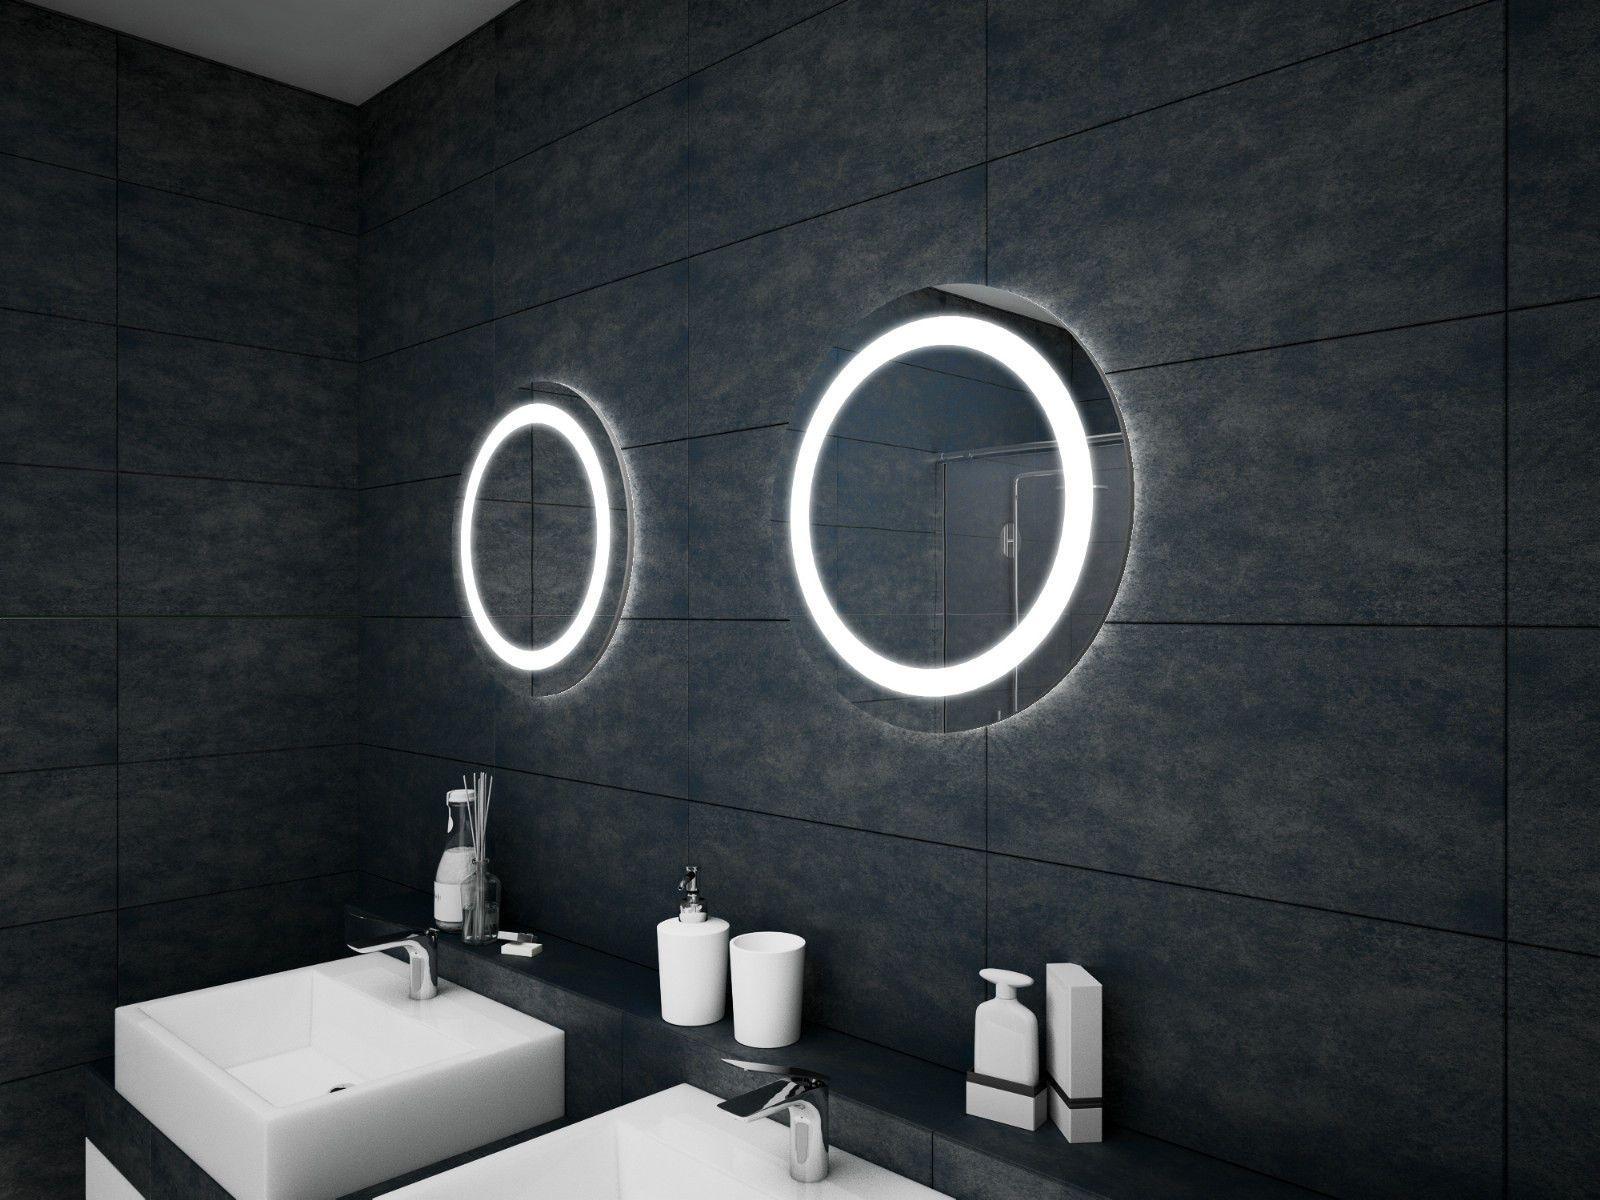 Led Badezimmerspiegel ~ Der designspiegel visibel spiegel mirror visibel led